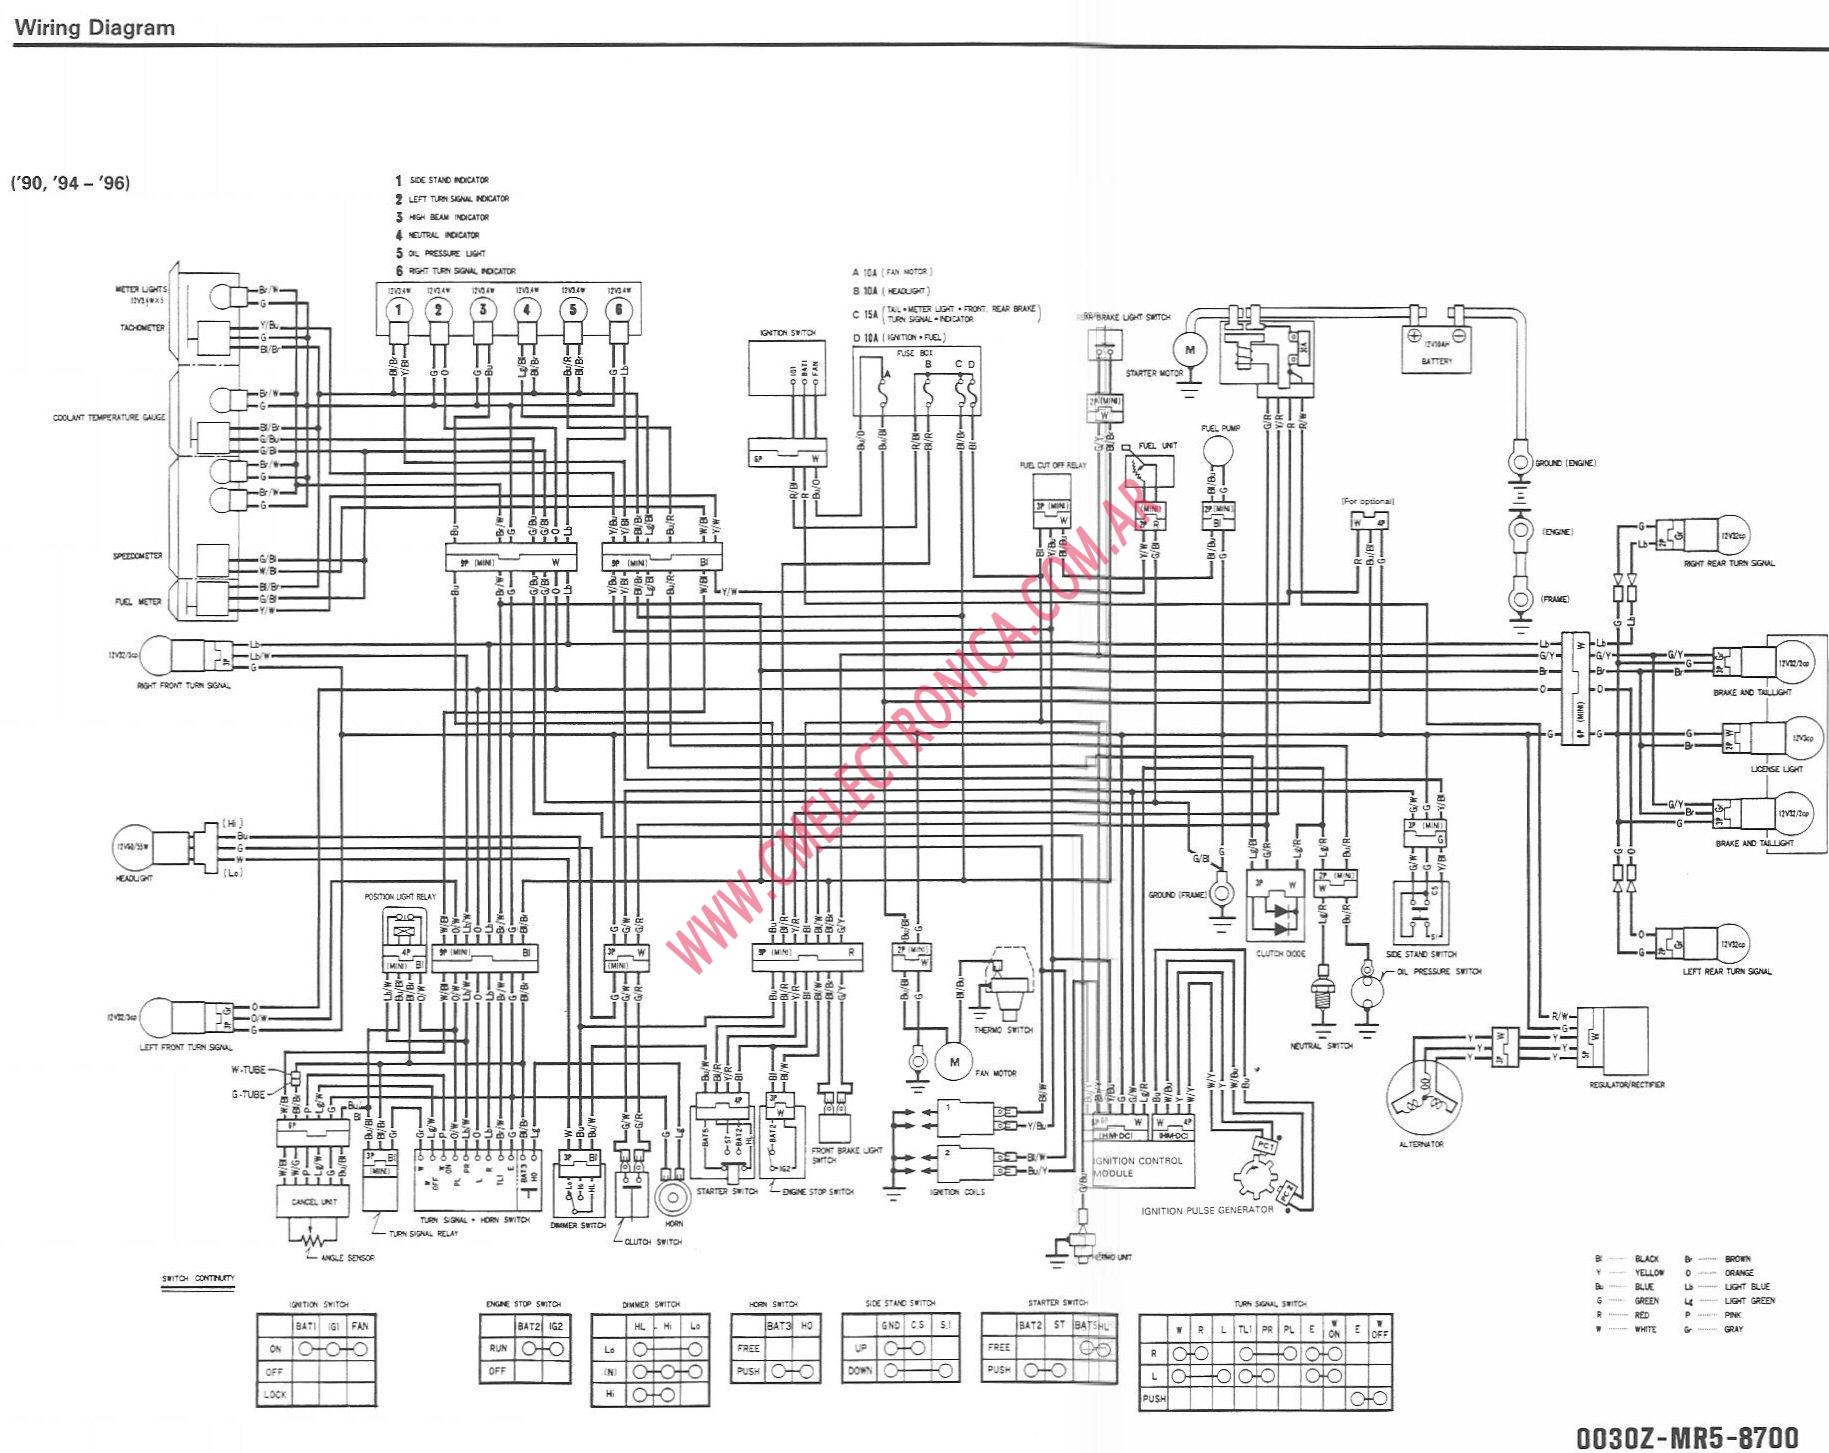 2006 Yamaha Banshee Wiring Diagram Electrical Diagrams 2000 Nemetas Aufgegabelt Info 1998